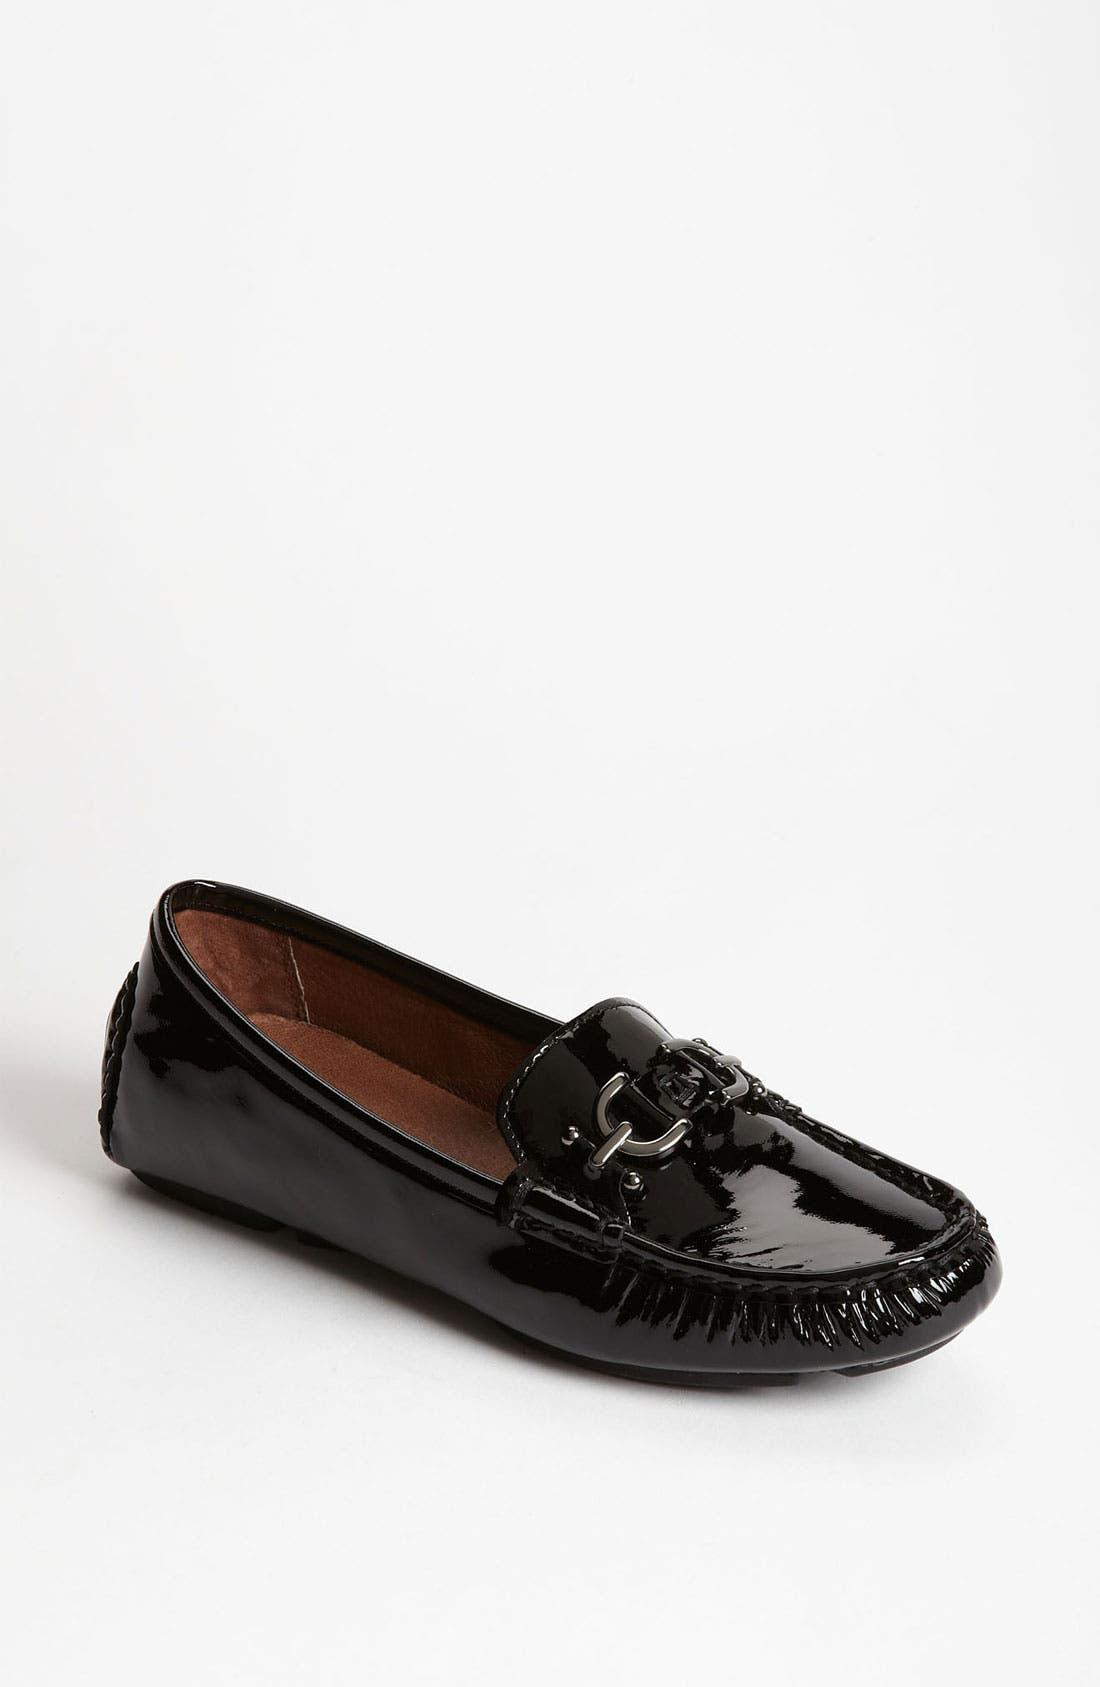 Alternate Image 1 Selected - Donald J Pliner 'Viky' Loafer